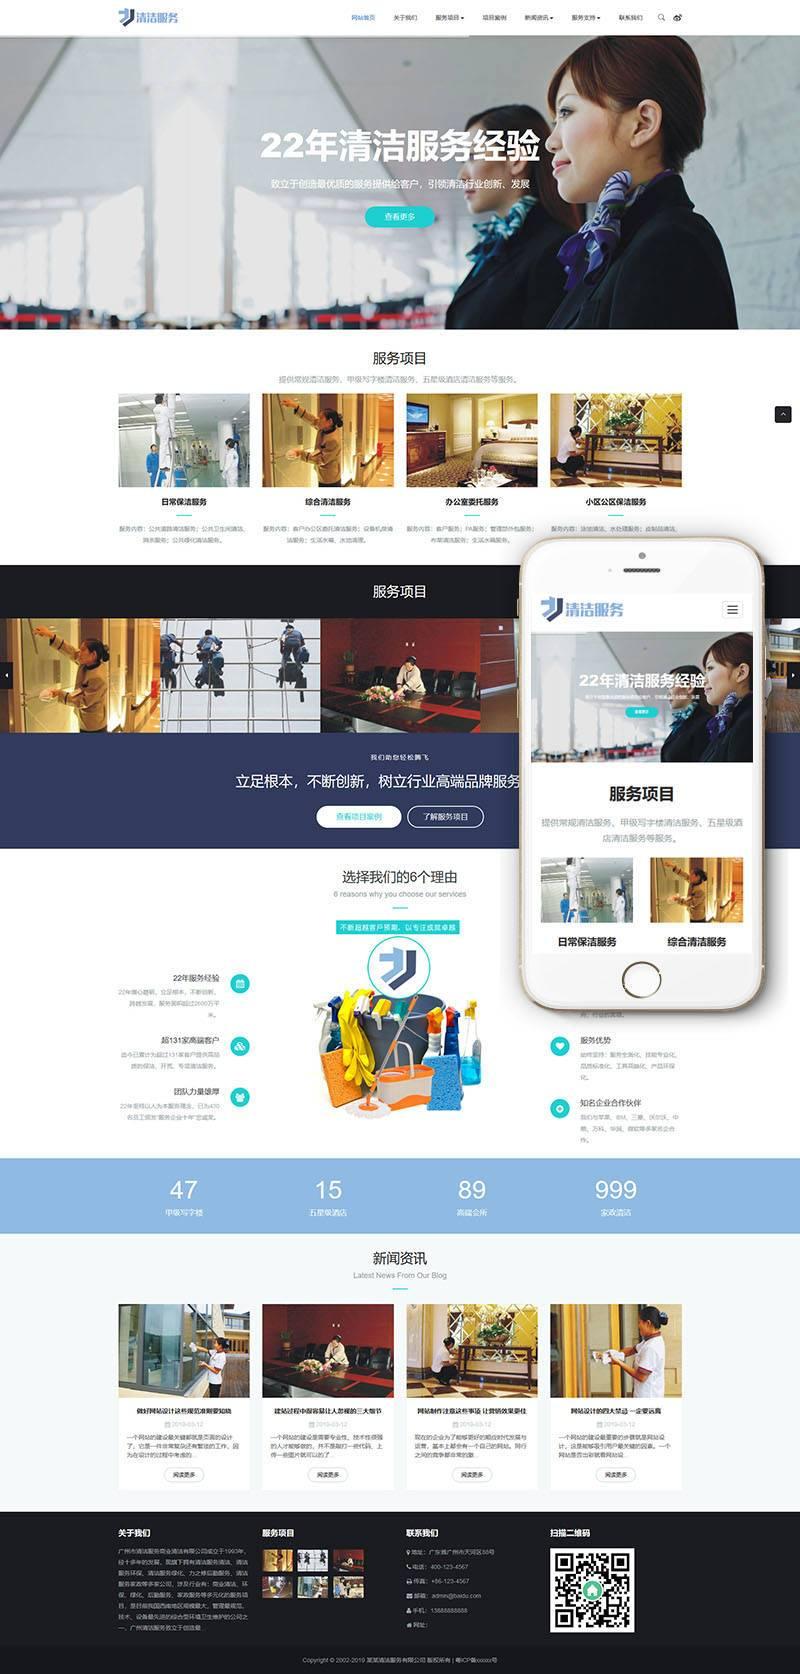 自贡商城免费建站网站提供服务